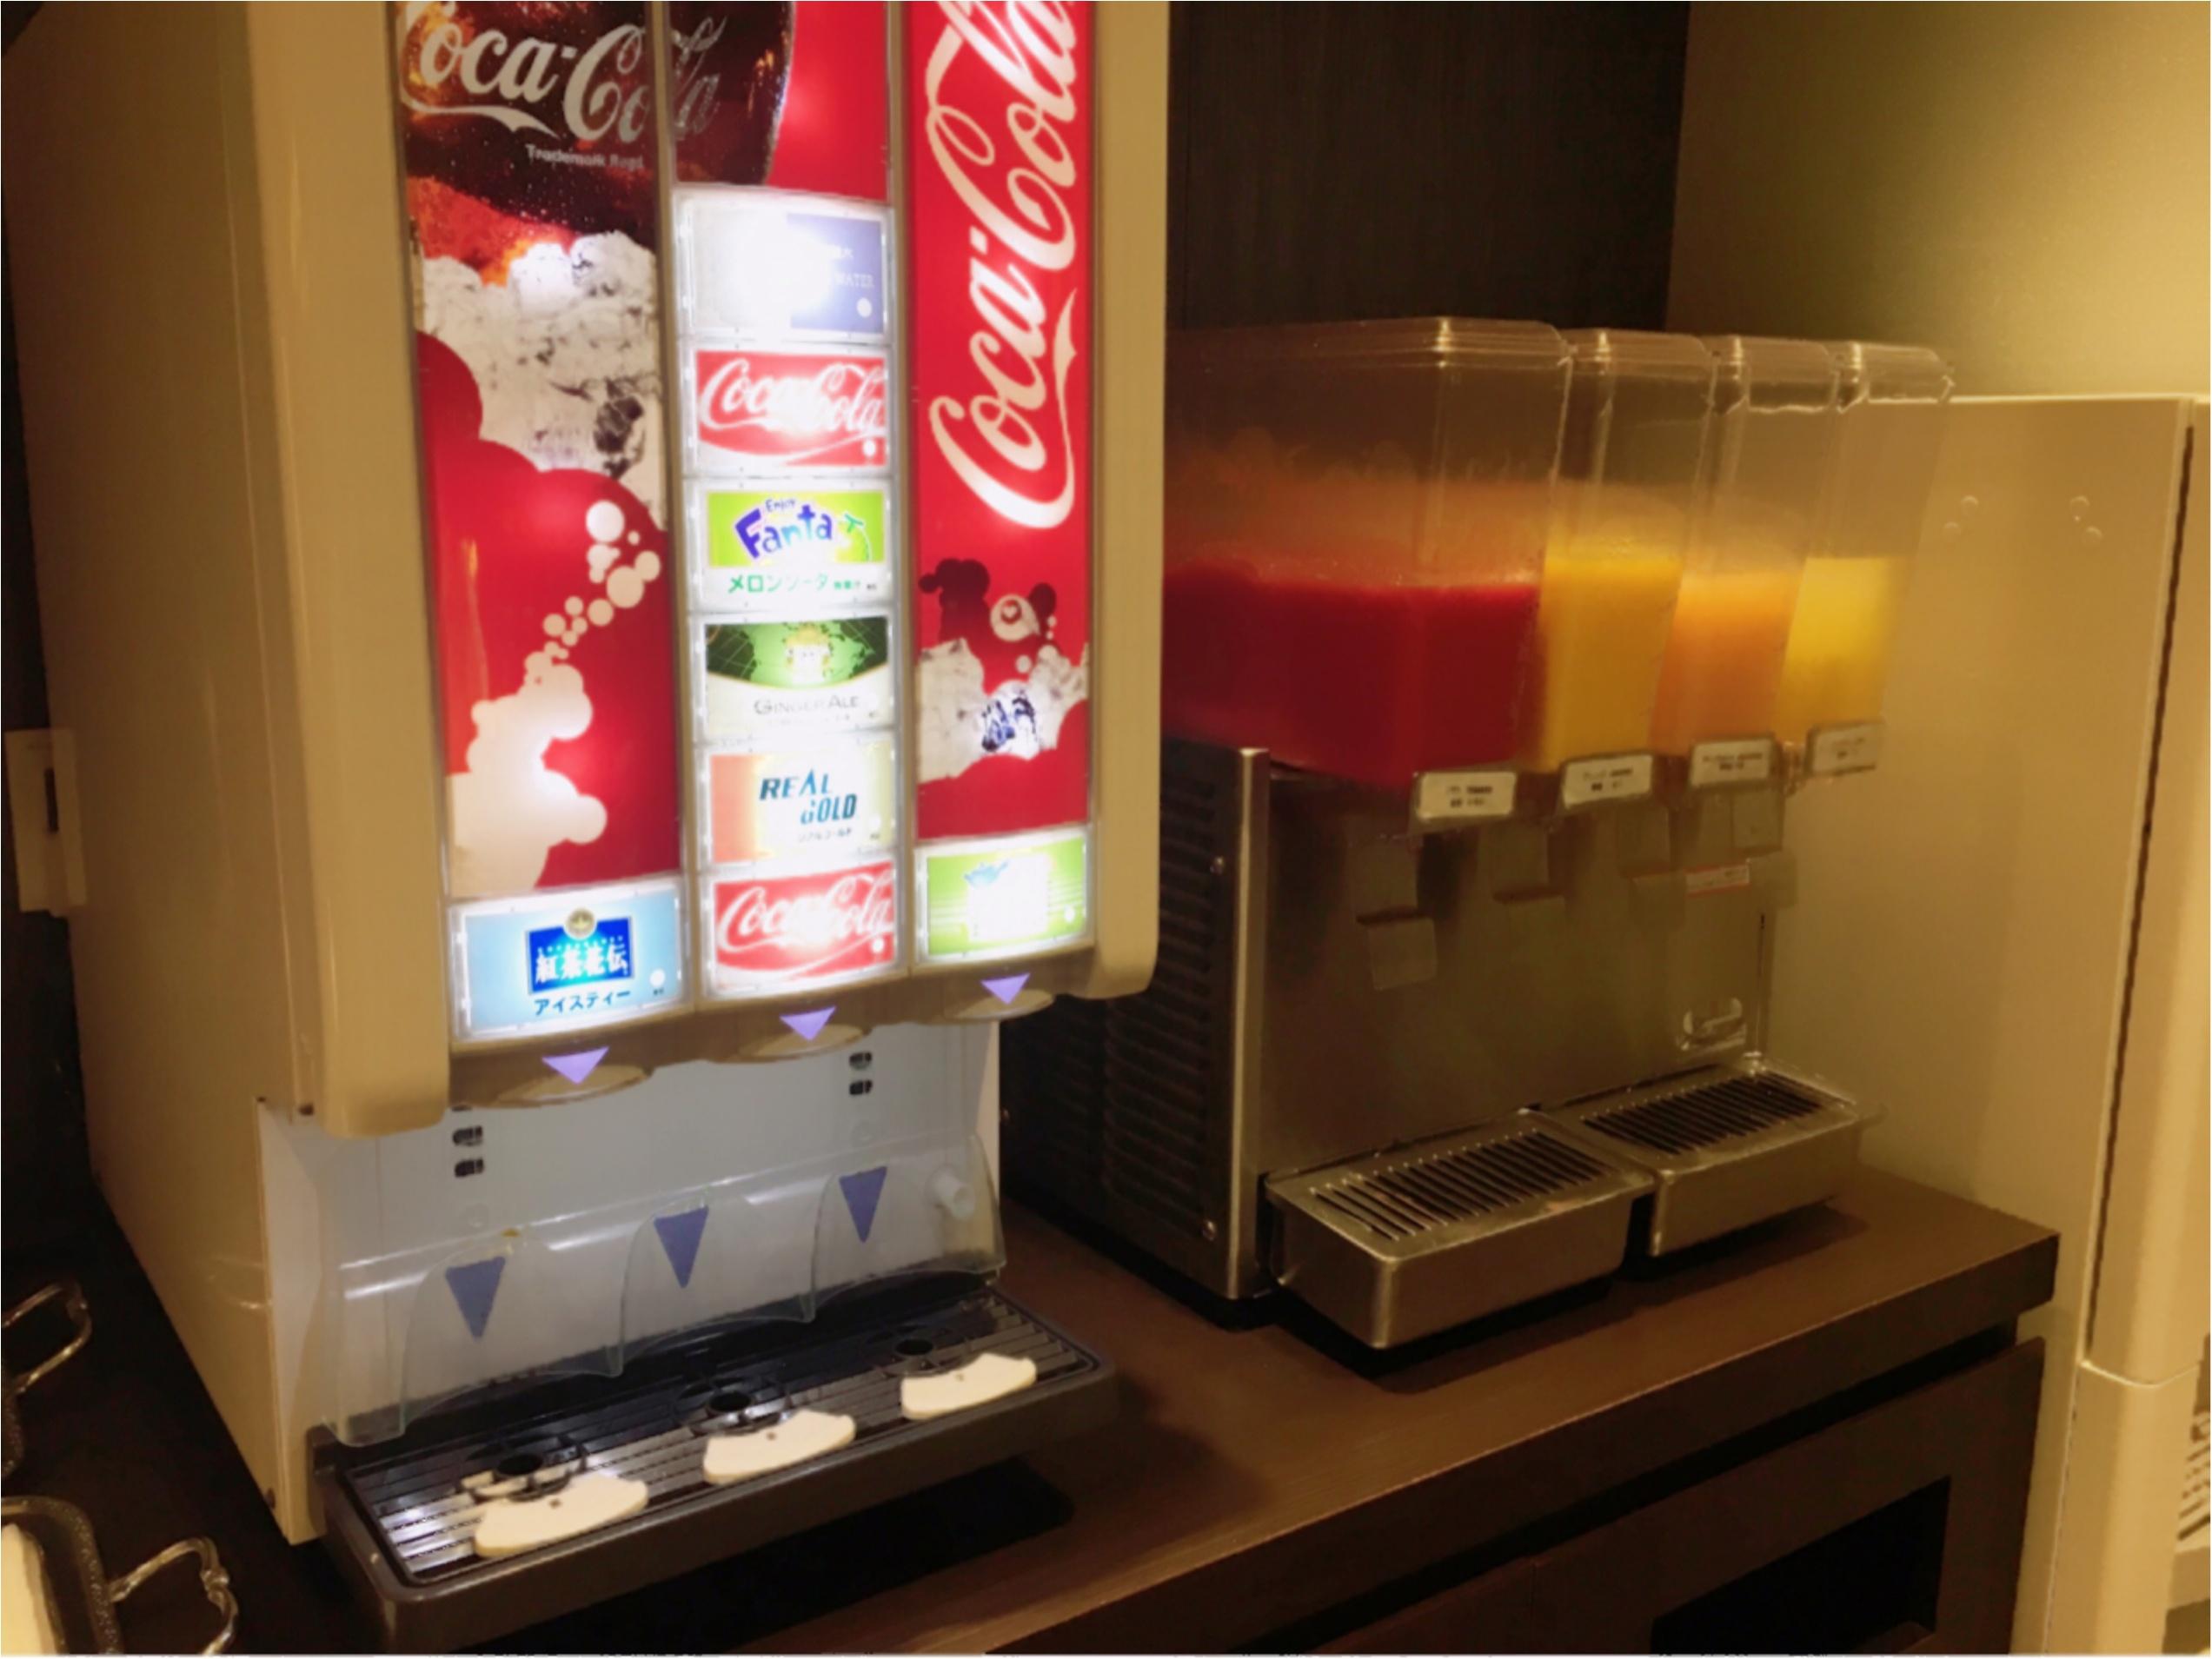 【羽田✈︎ハワイ】羽田空港のラウンジはどんな感じ?ハワイアン航空の機内食は出るの?お答えします‼︎_3